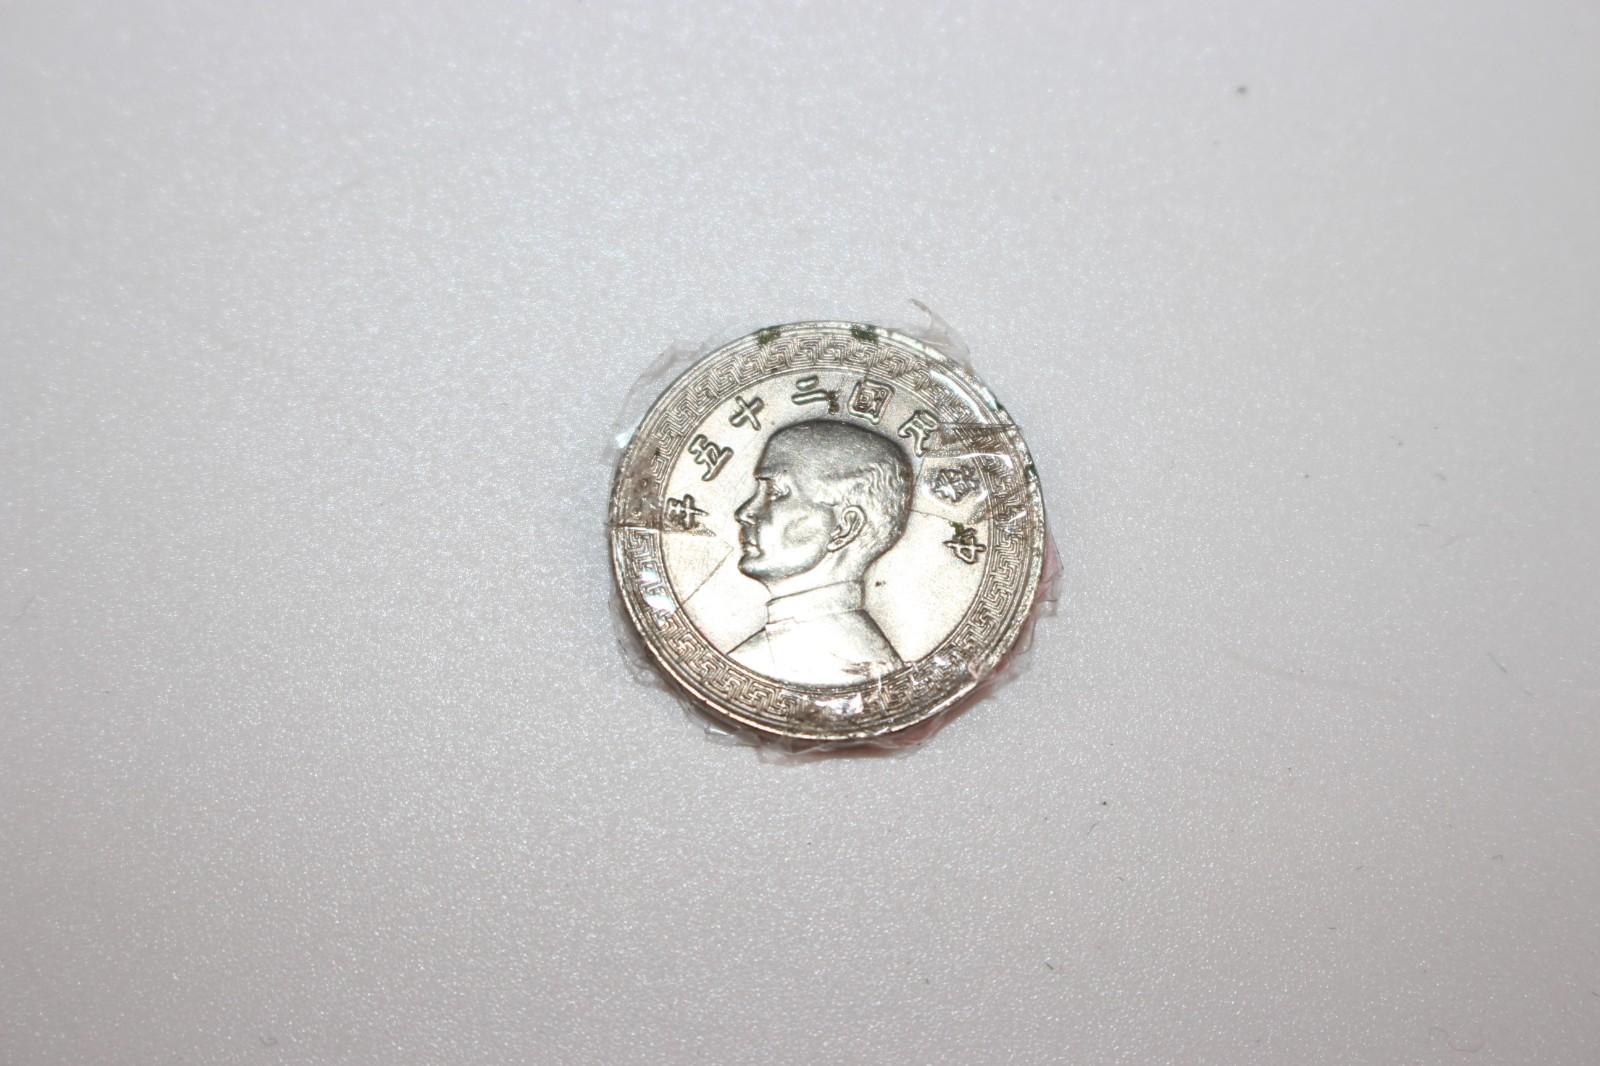 中华民国二十五年伍分钱币|古玩钱币-泉州鼎尚文化艺术品有限公司